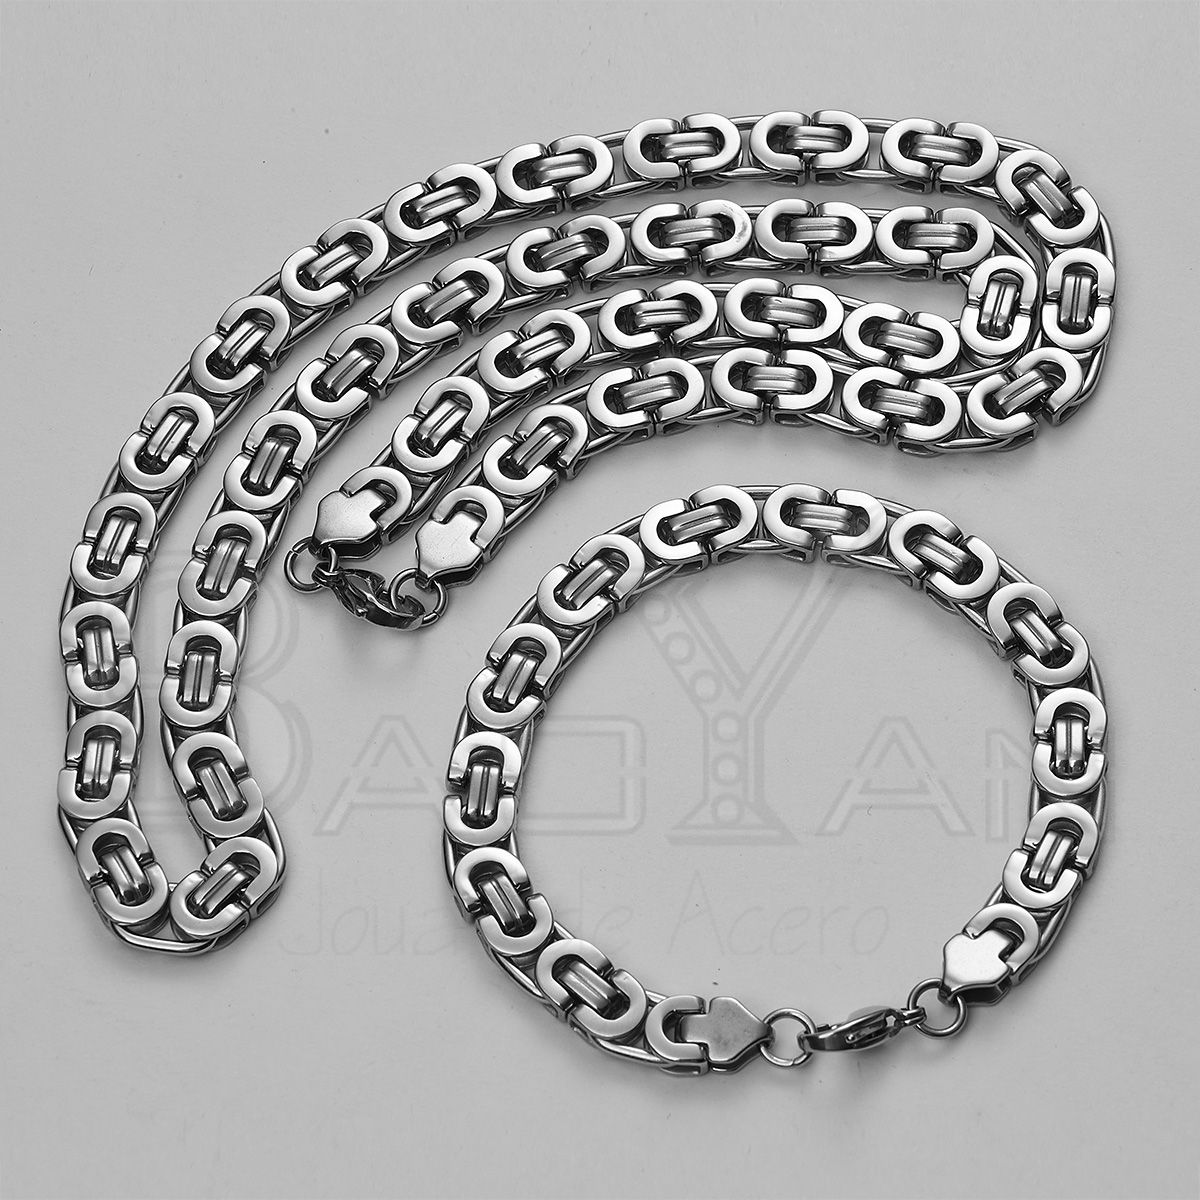 3b9900a71823 plateadas joyas de acero inoxidable cadenas y pulseras juegos para hombre